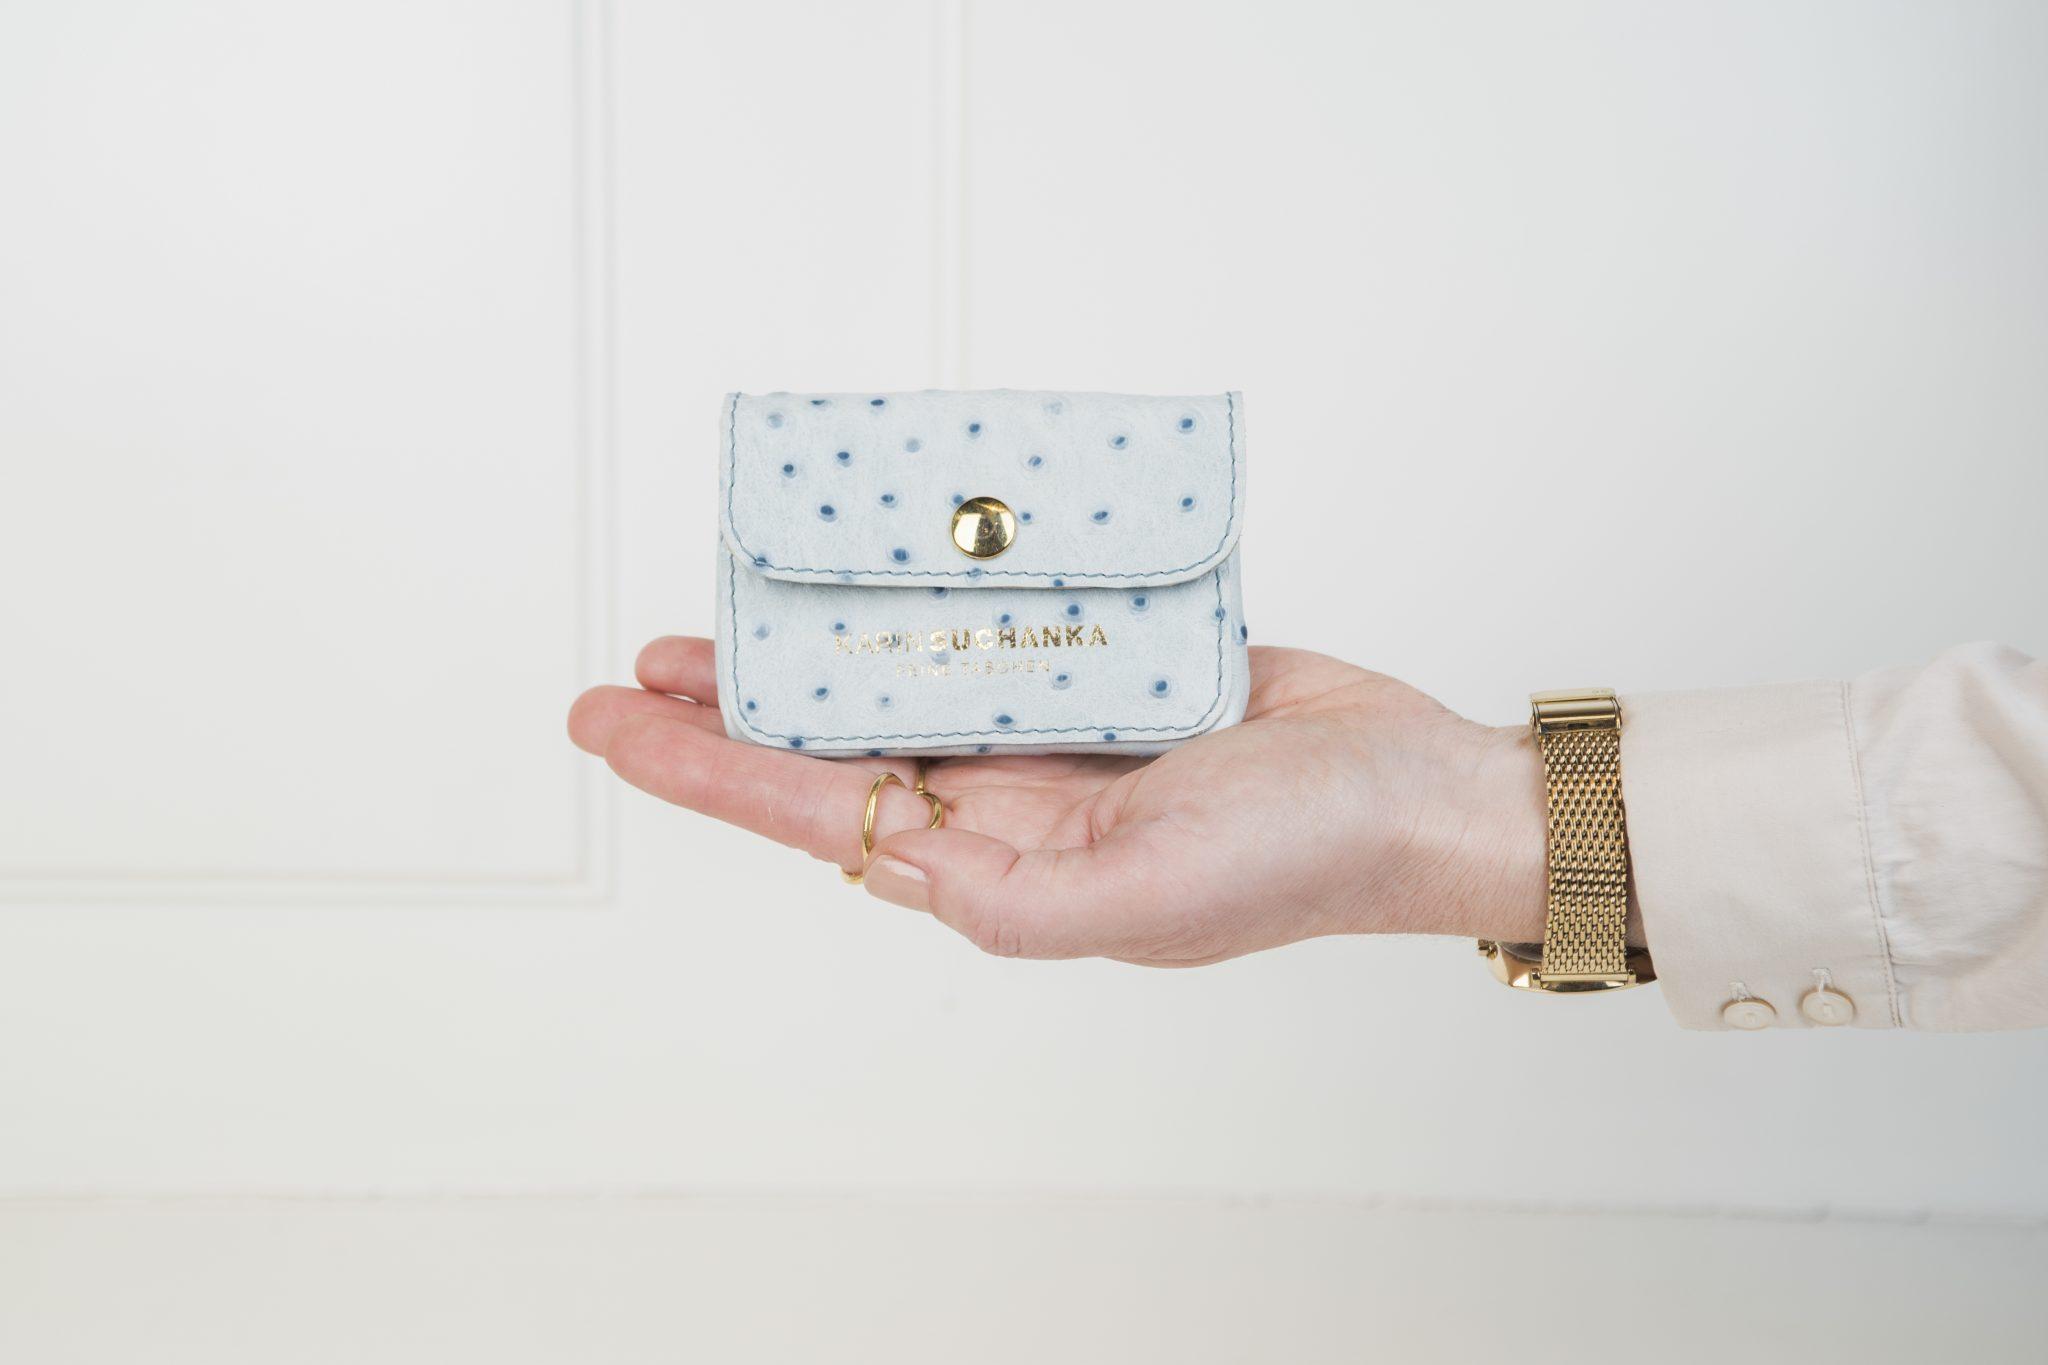 Minibörse in hellblauen, gepunktetem Leder liegt auf einer Hand. Details wie Druckknopf und Logo sind in Gold gehalten